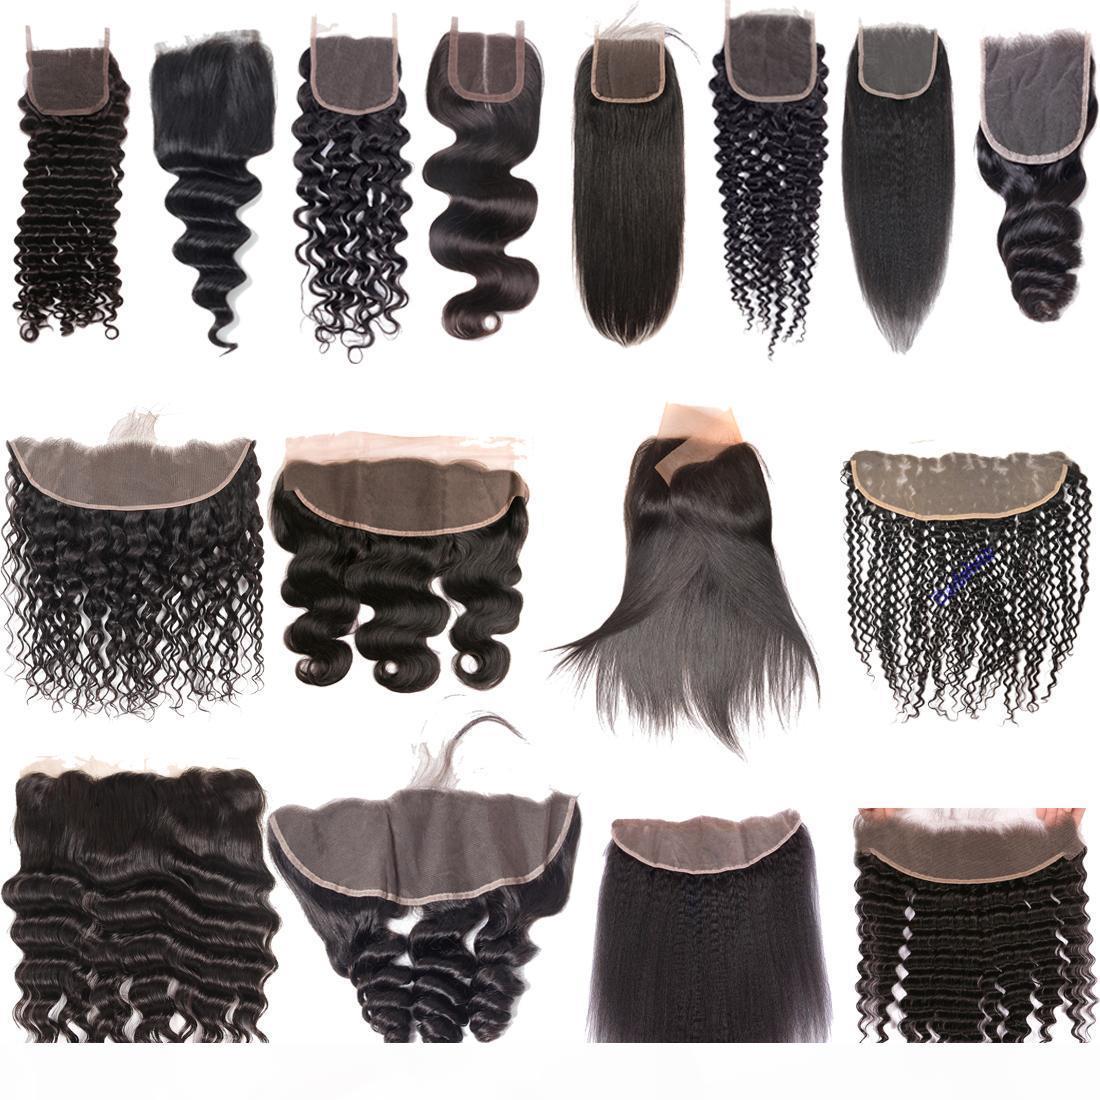 9A Brezilyalı Virgin İnsan Saç Uzantıları Düz Vücut Dalga Derin Su Dalga Kinky Kıvırcık Dantel Frontal Kapatma Kulak Krone Kapakları